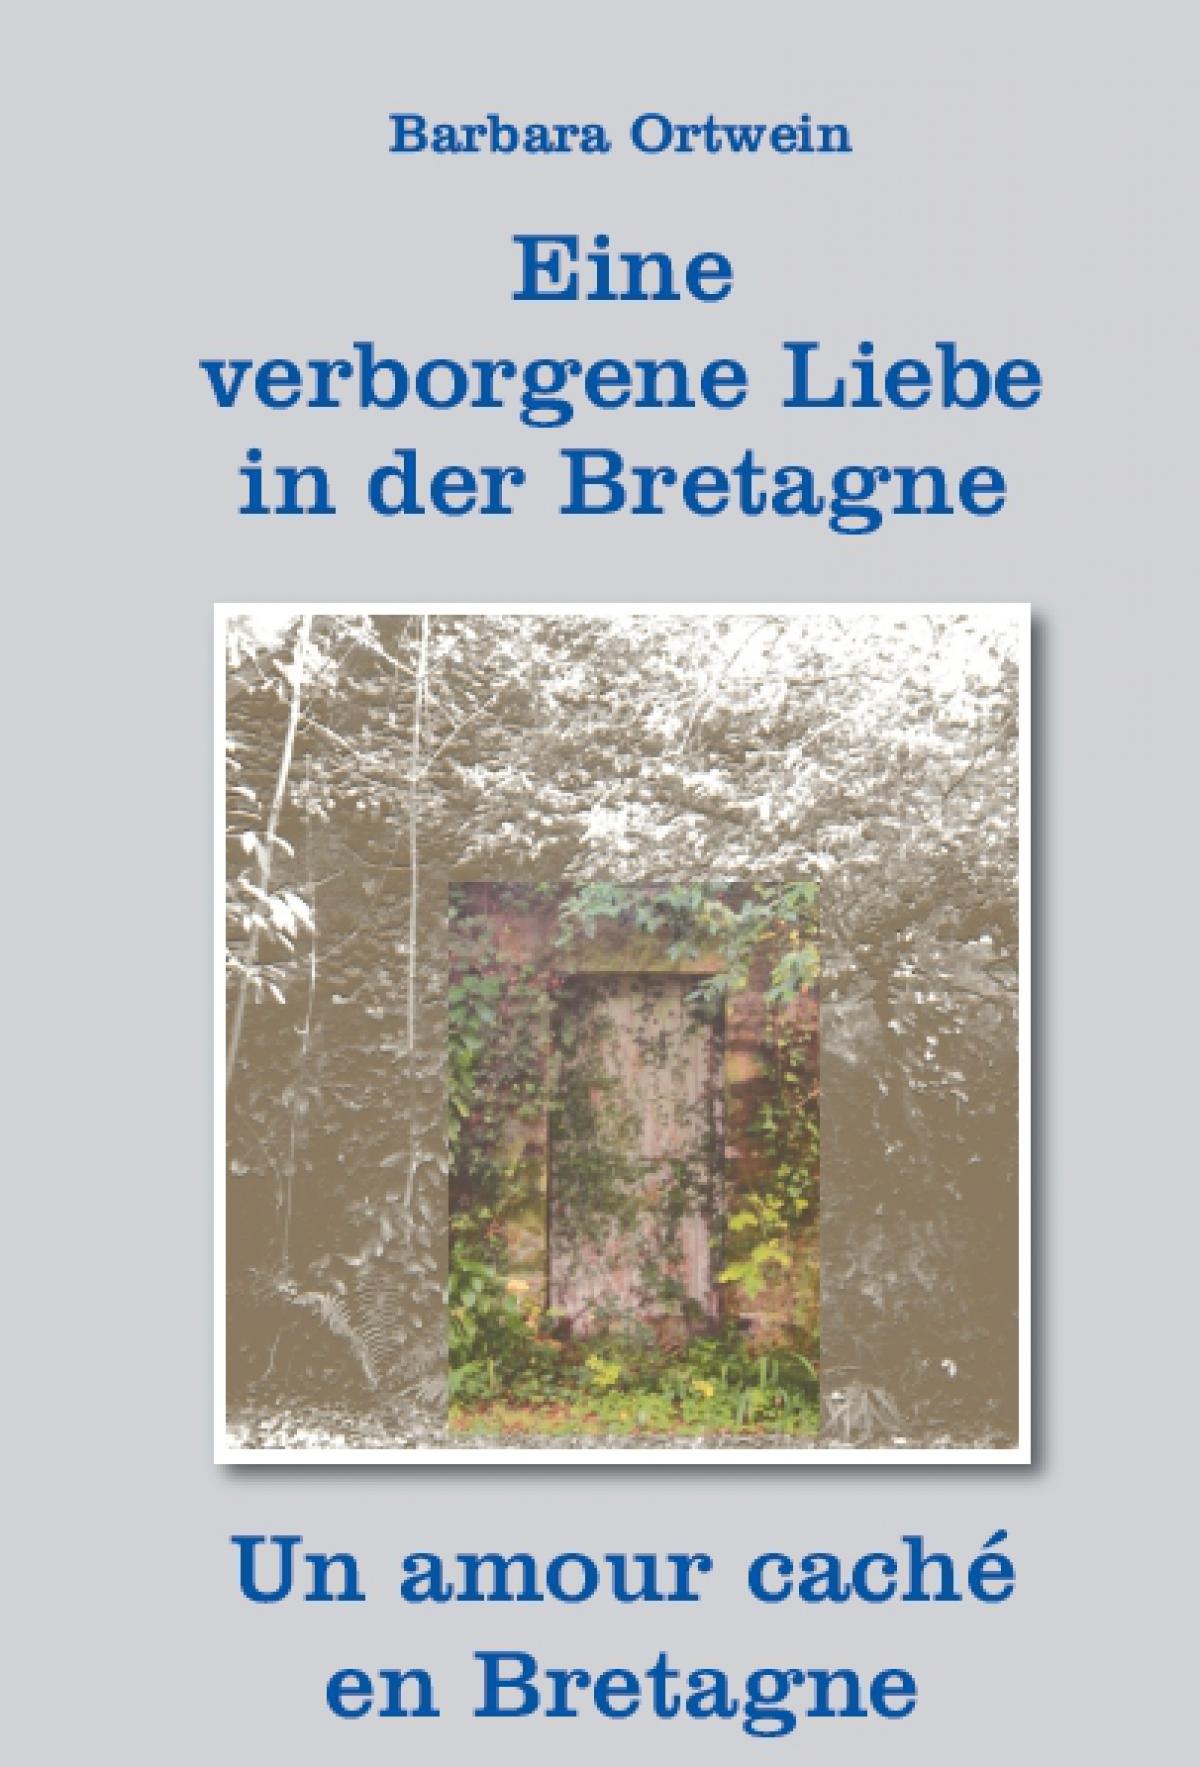 Vorstellung von Barbara Ortweins neuem Buch während Medebacher Festwoche